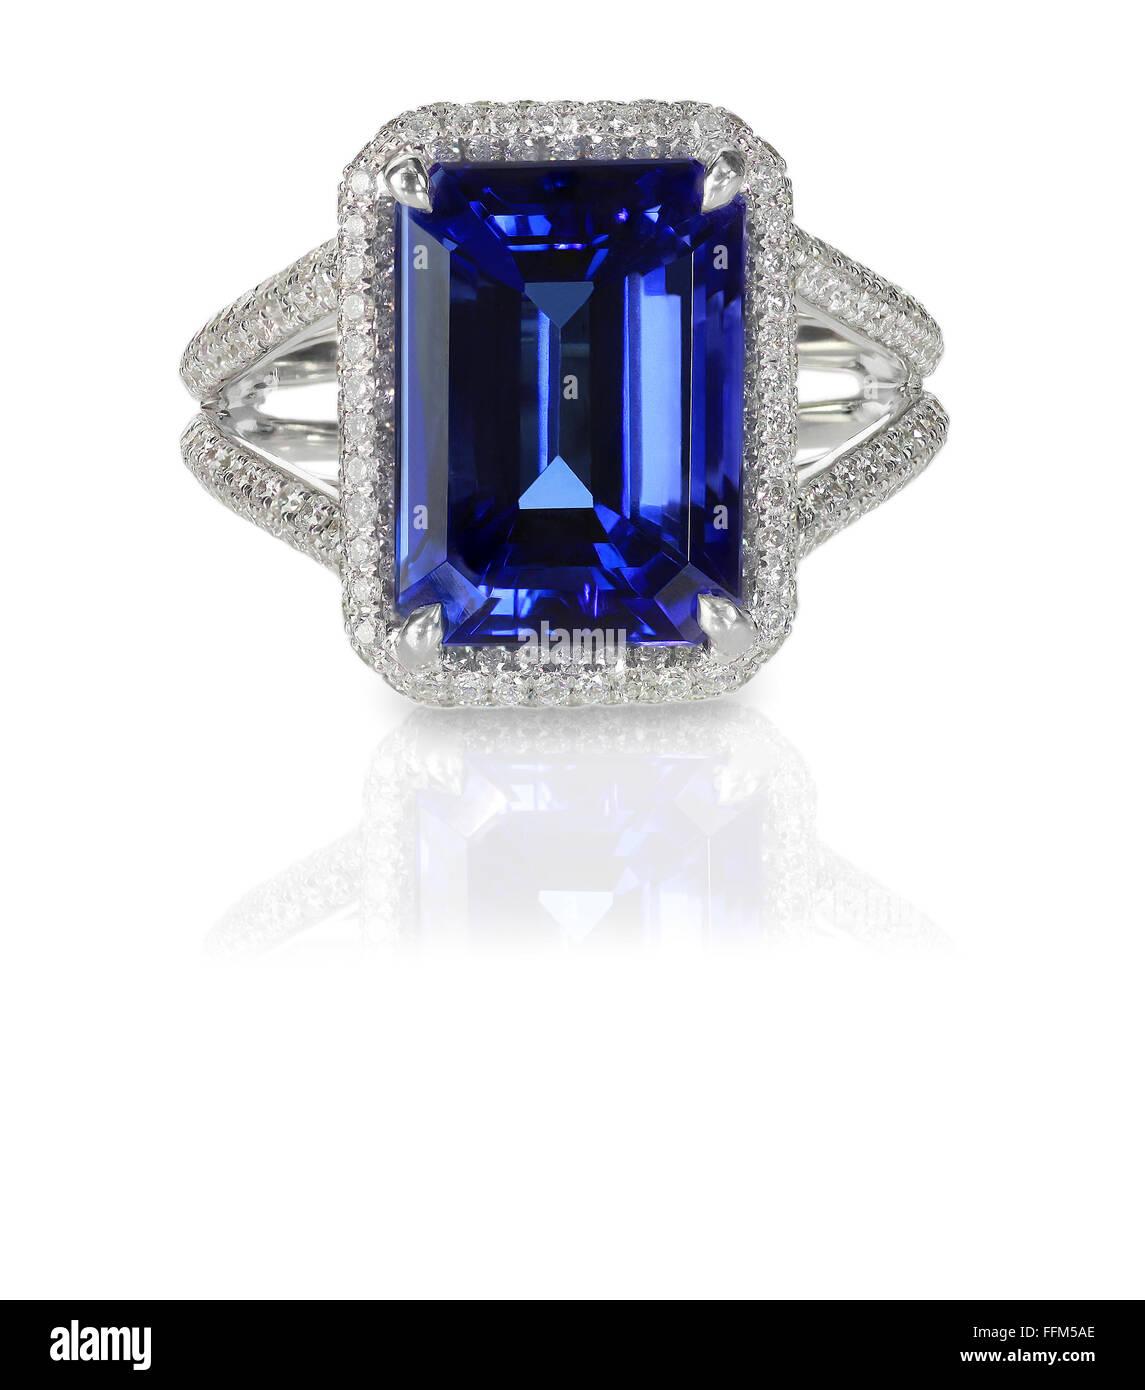 Großer Smaragd Saphir blue cocktail Mode Verlobungsring mit Halo Einstellung schneiden und Diamanten zu ebnen Stockbild